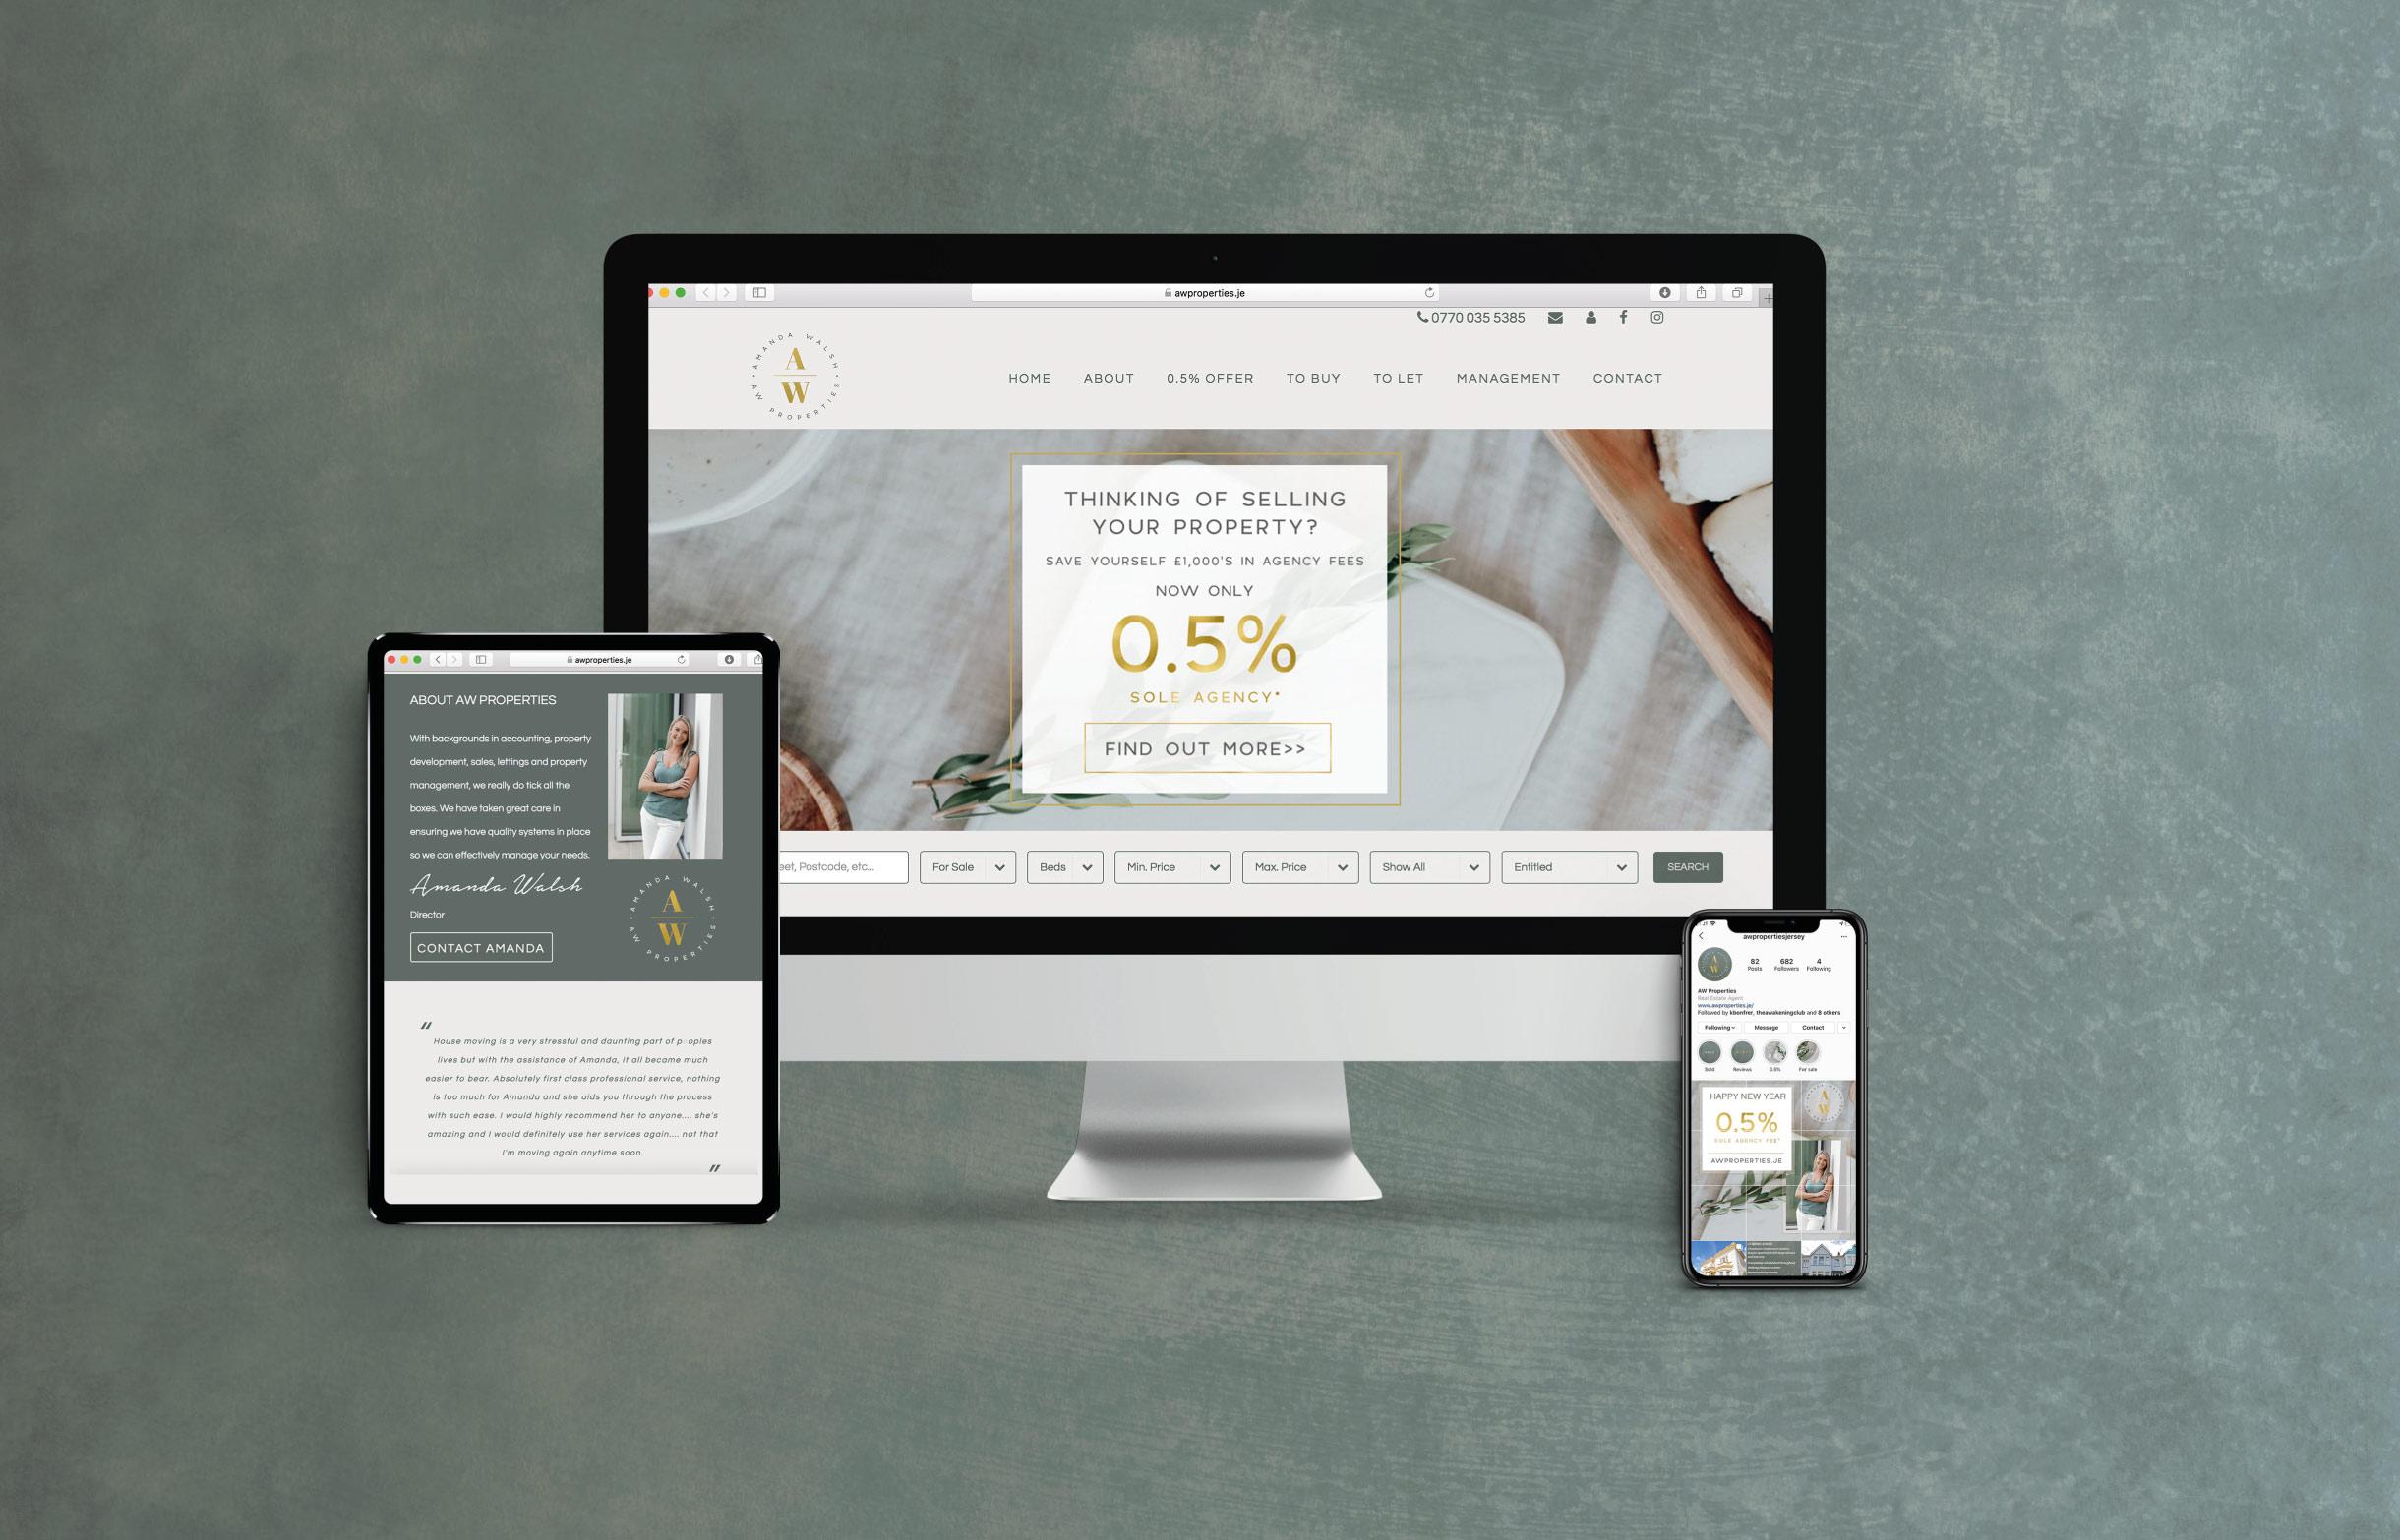 Quints Design co - AW Properties Responsive Website Design - Jersey